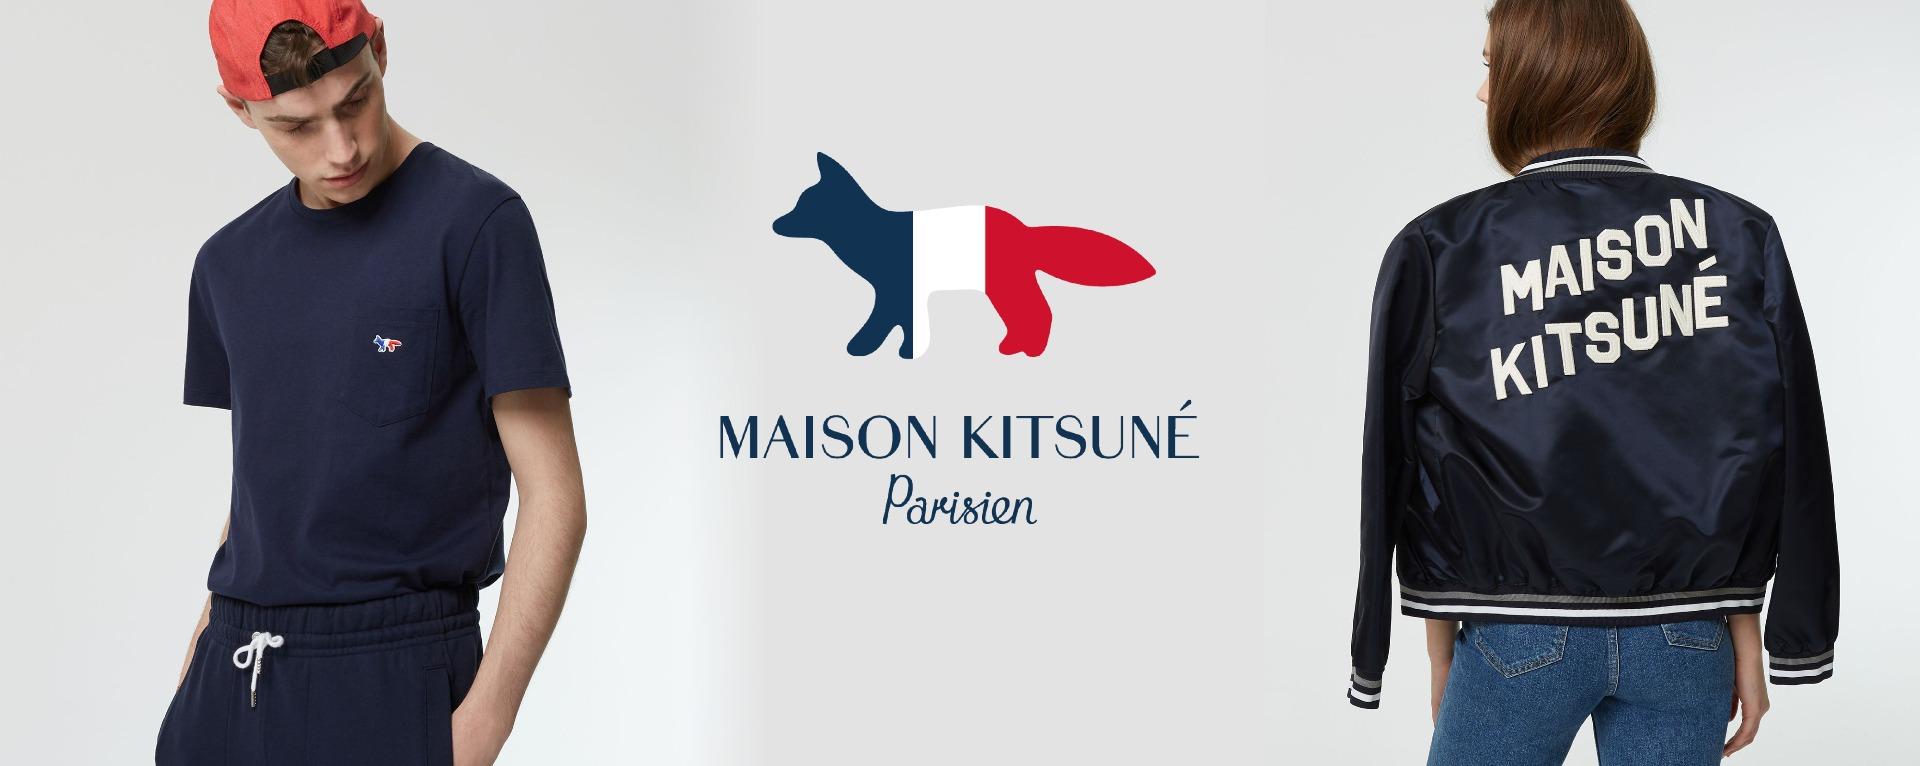 https://maisonkitsune.com/media/wysiwyg/021118_brandblack-parisien.jpg